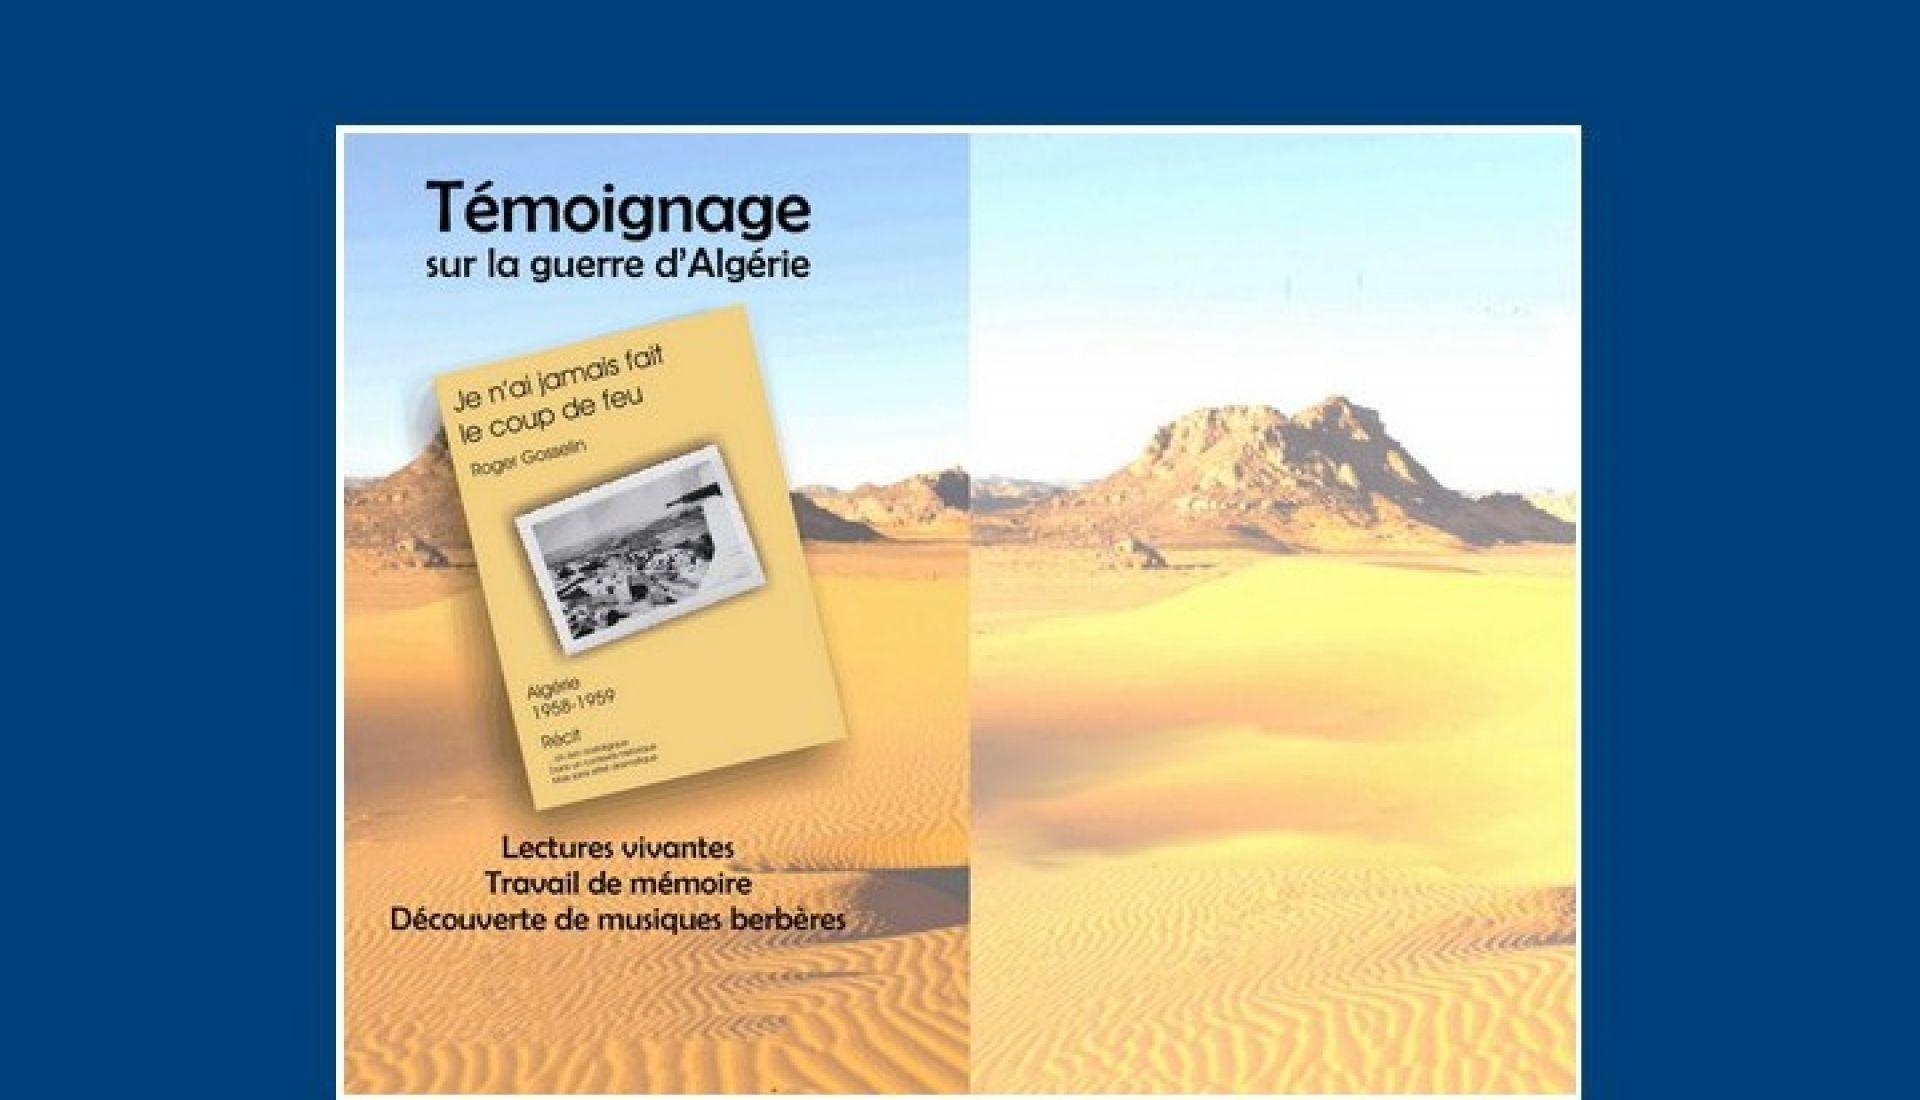 Témoignage sur la guerre d'Algérie